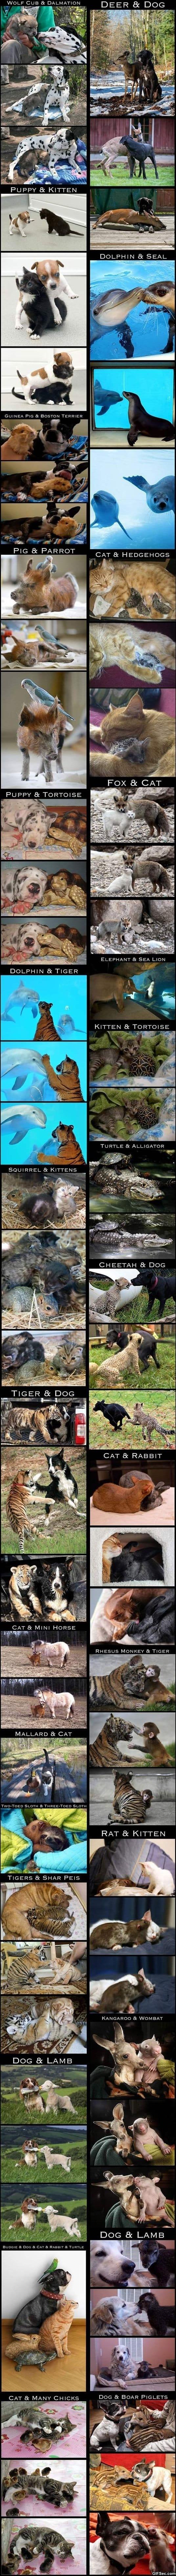 true-friendships